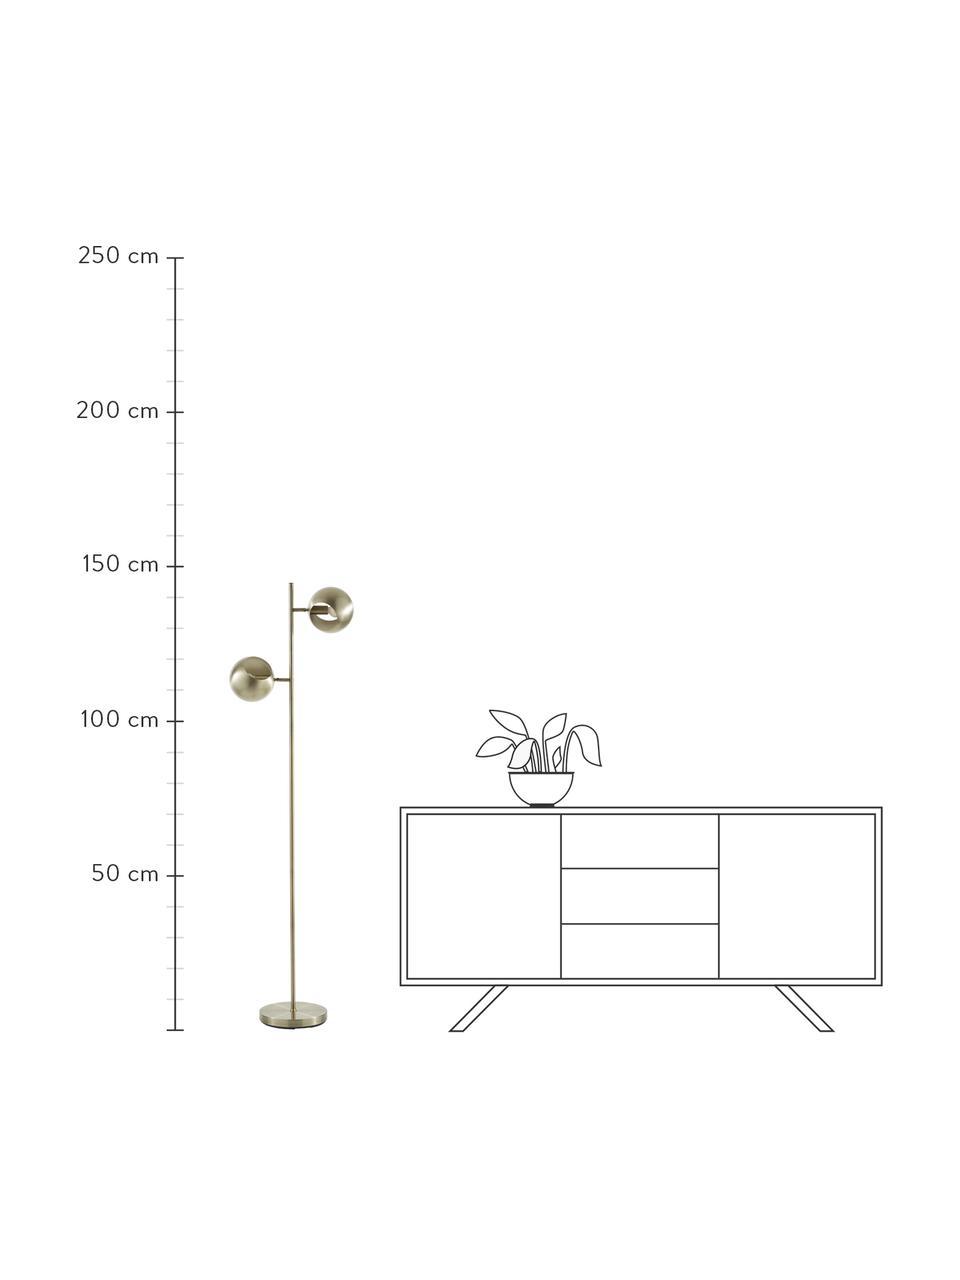 Leselampe Edgar in Messing mit Antik-Finish, Lampenschirm: Metall, lackiert, Lampenfuß: Metall, lackiert, Leselampe Edgar in Messing mit Antik-Finish, 40 x 145 cm